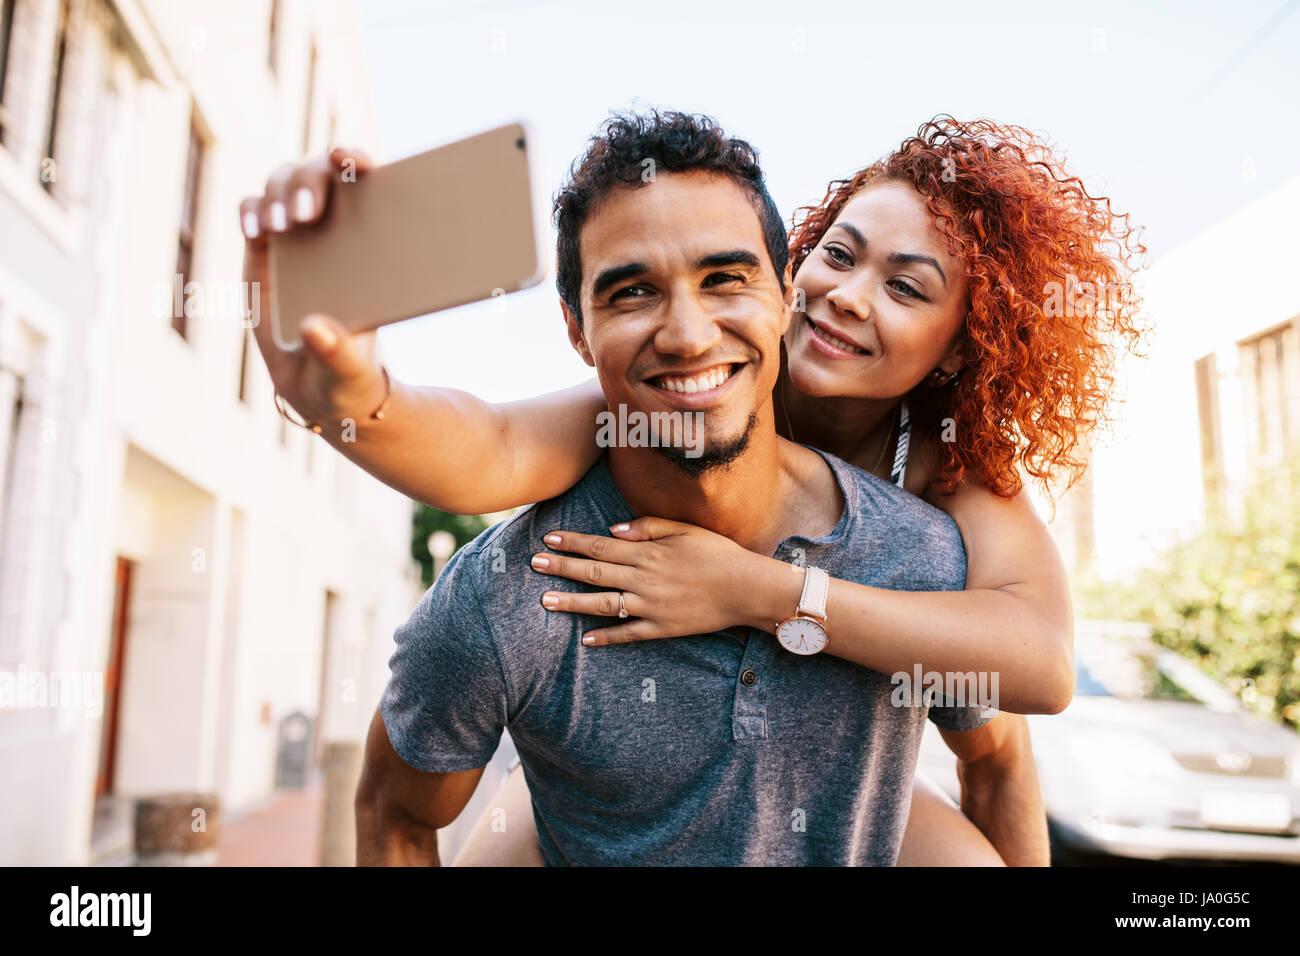 Lächelnde junge Frau Reiten Huckepack auf ihr Partner während der Einnahme ein Selbstporträt mit Stockbild